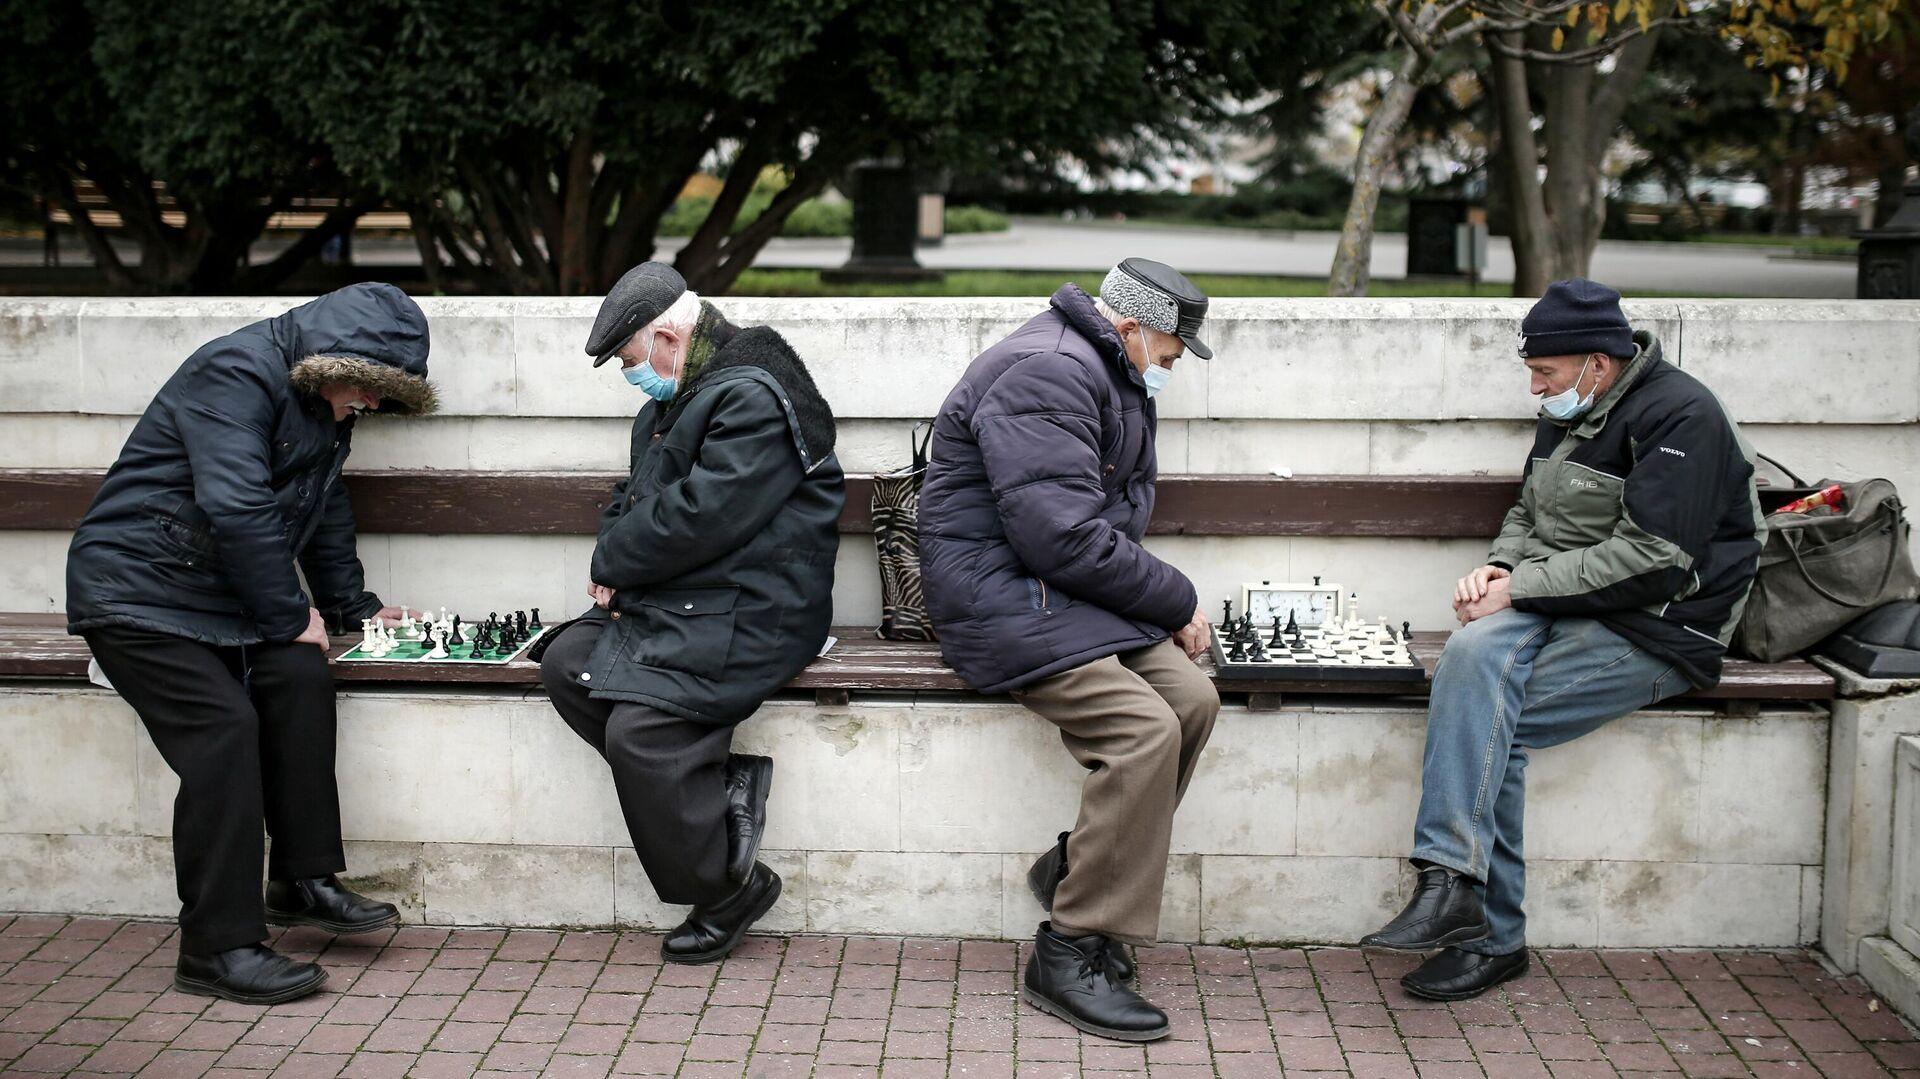 Мужчины играют в шахматы на Приморском бульваре в Севастополе - РИА Новости, 1920, 01.01.2021